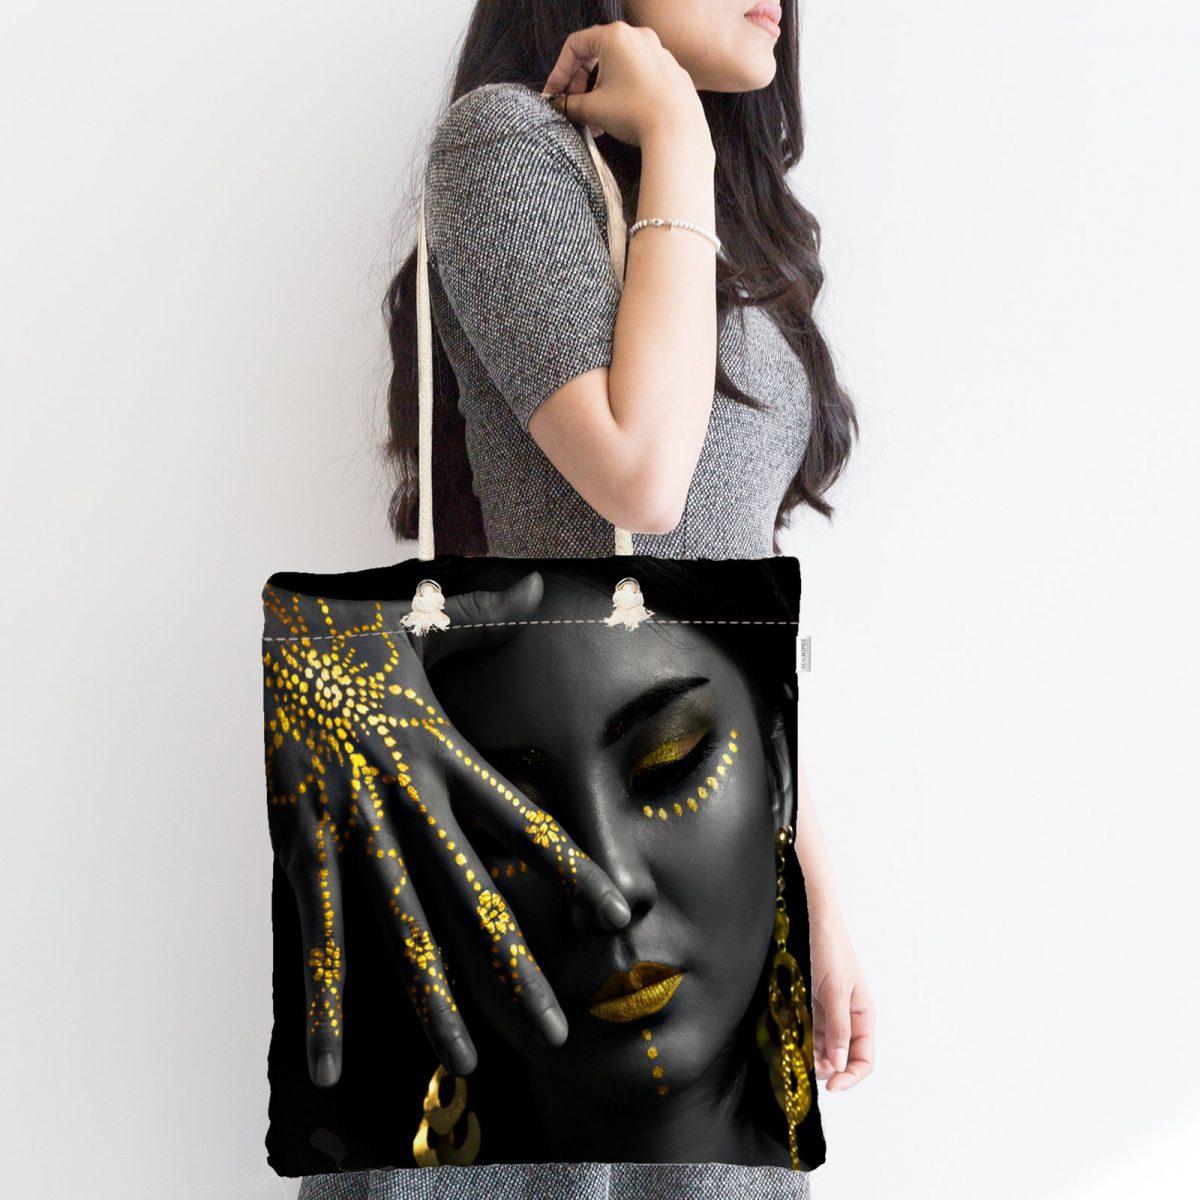 Siyahi Kadın Tasarımlı 3D Dijital Baskılı Modern Fermuarlı Kumaş Çanta Realhomes